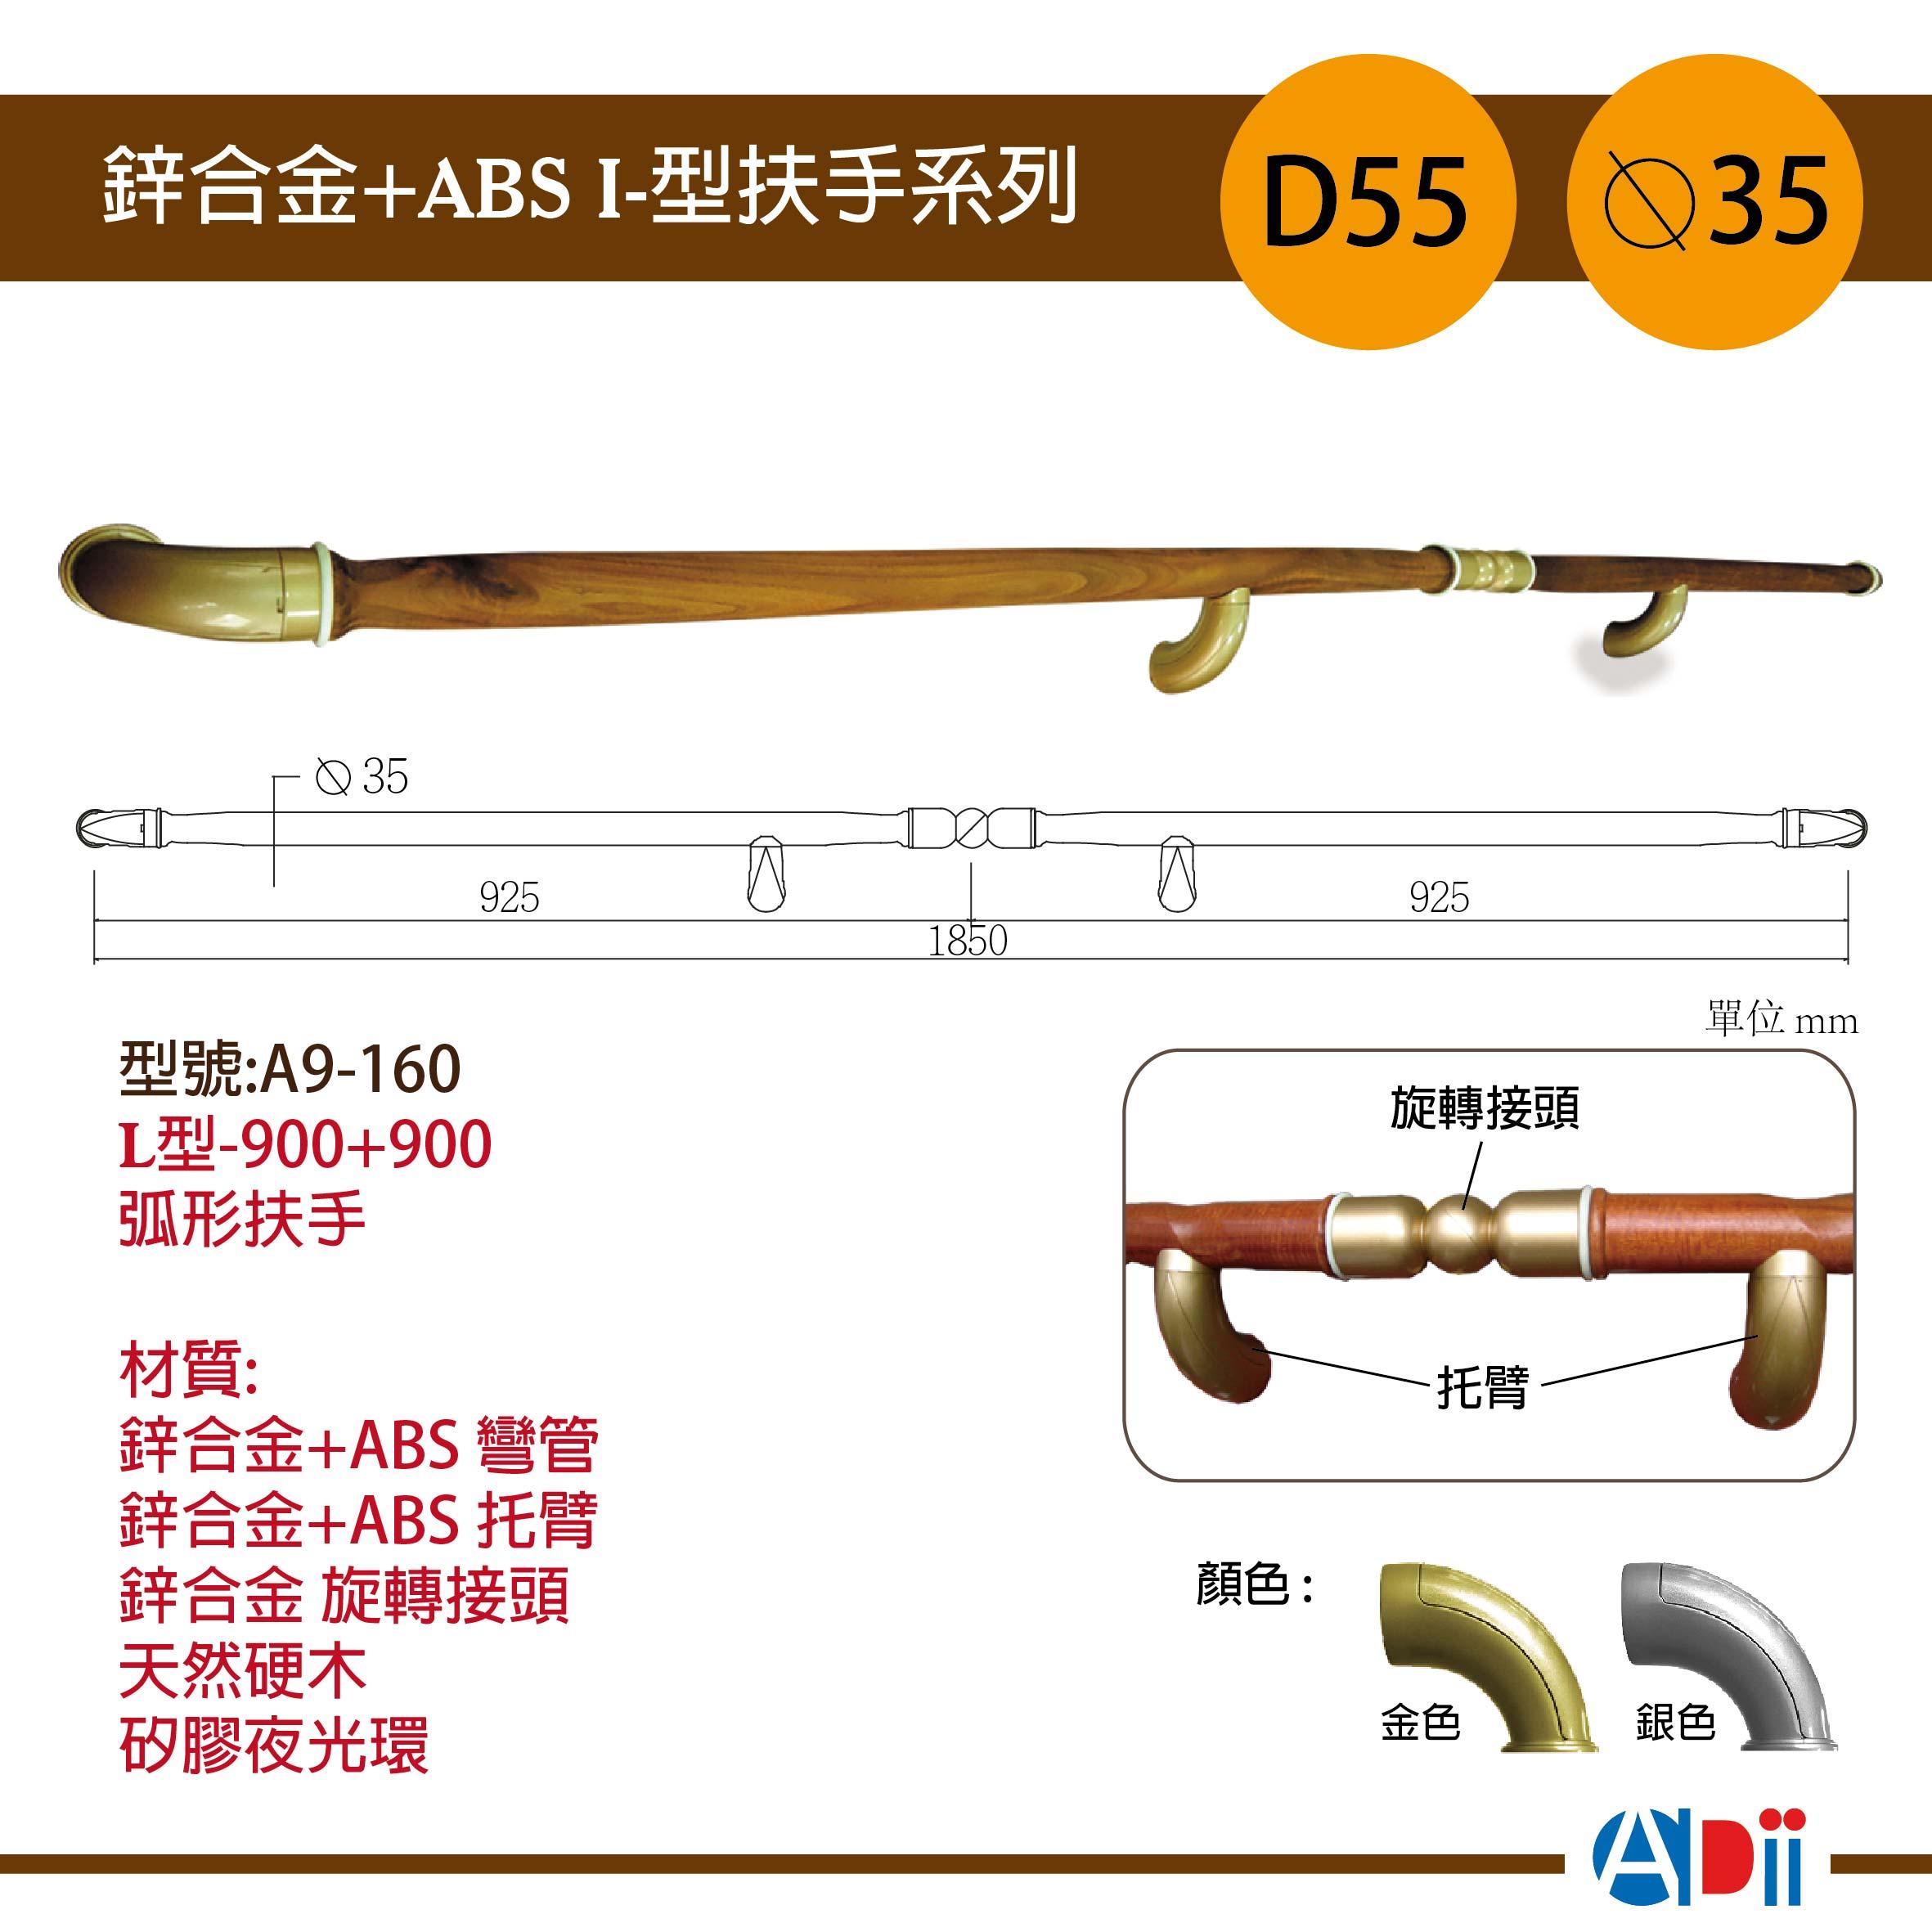 【美天樂】CE-L型扶手900+900弧形 DIY銀髮族天然實木安全扶手/把手